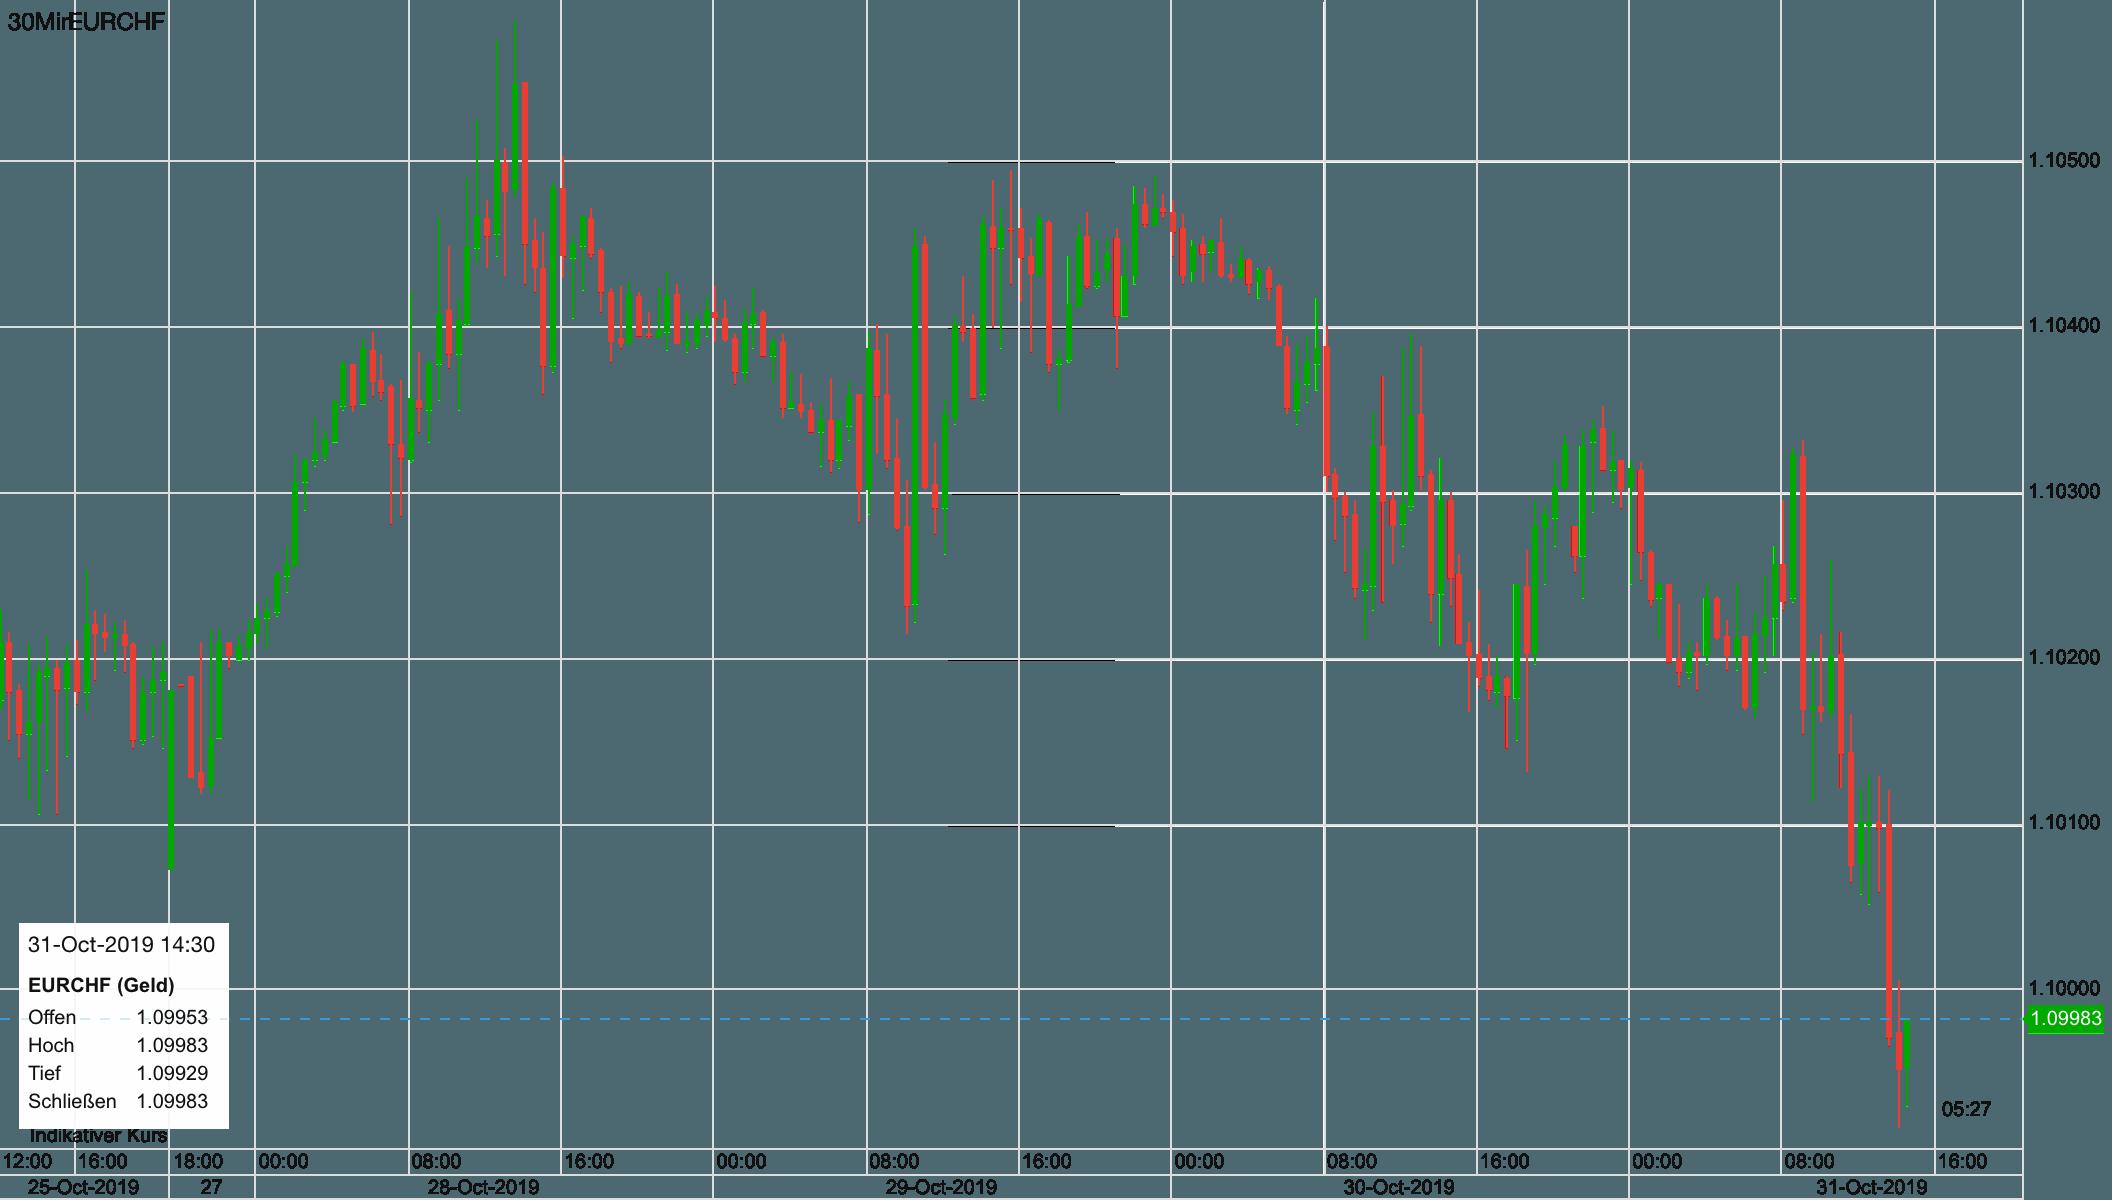 Schweizer Franken steigt gegen den Euro - Risk Off Trade läuft